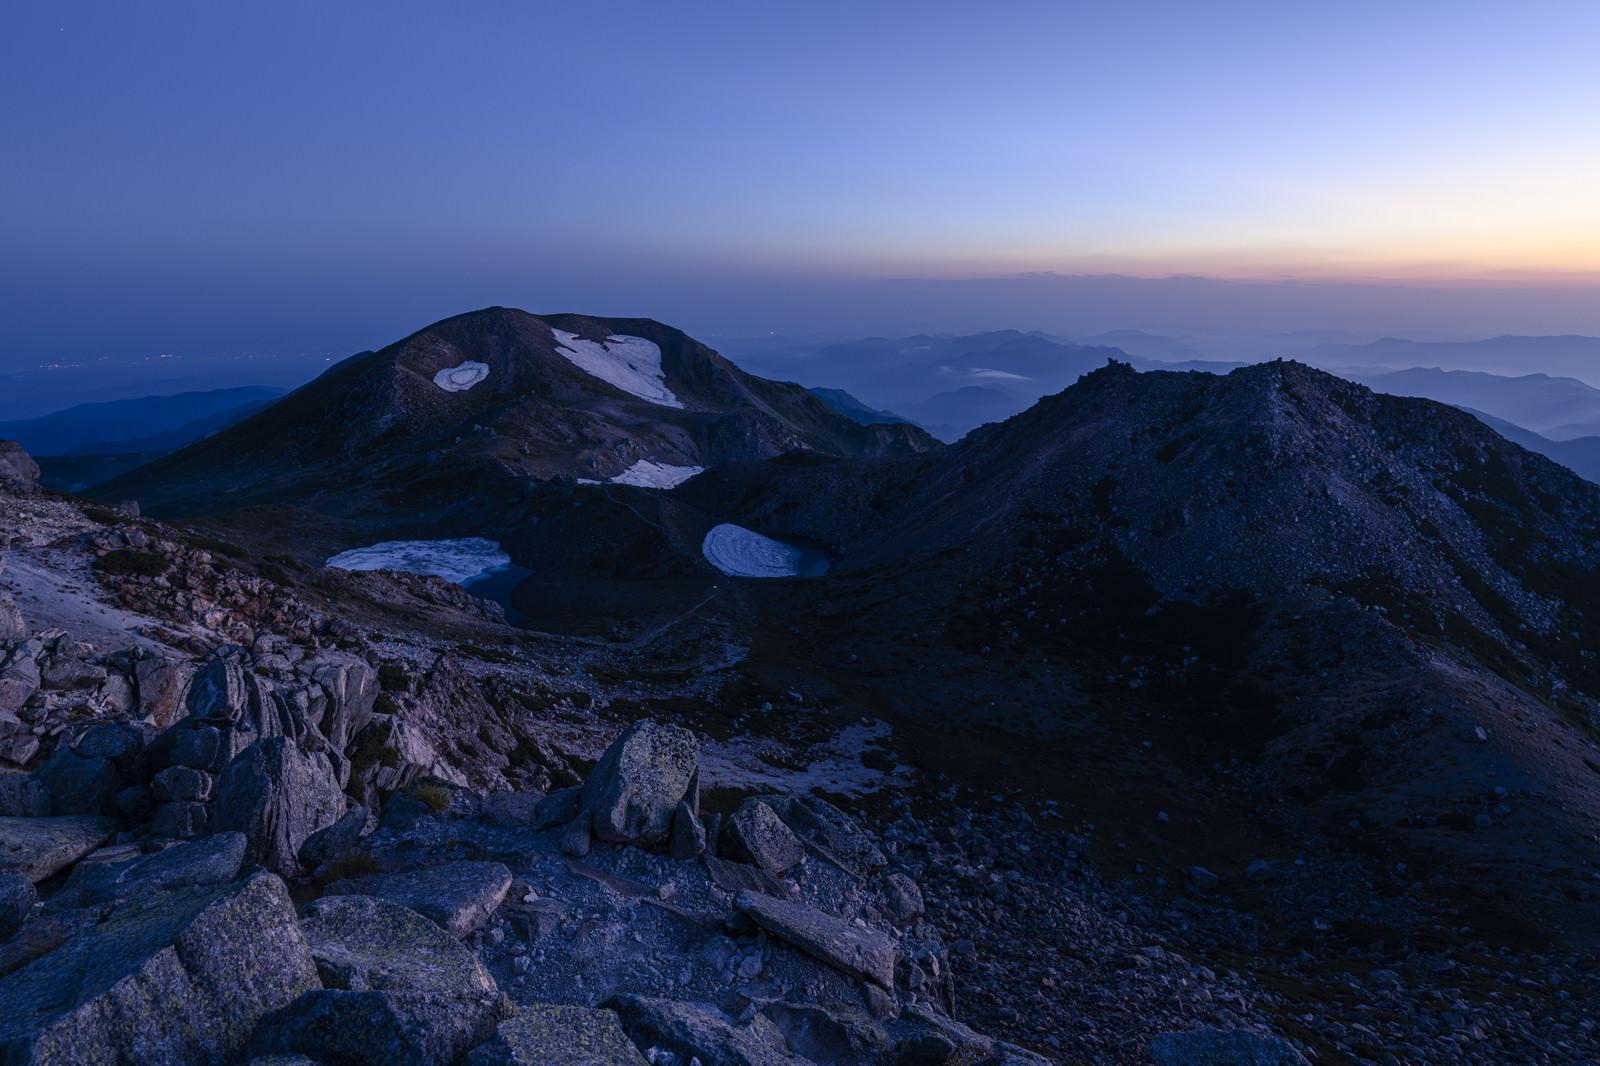 「夜明け前の白山山頂の景色」の写真